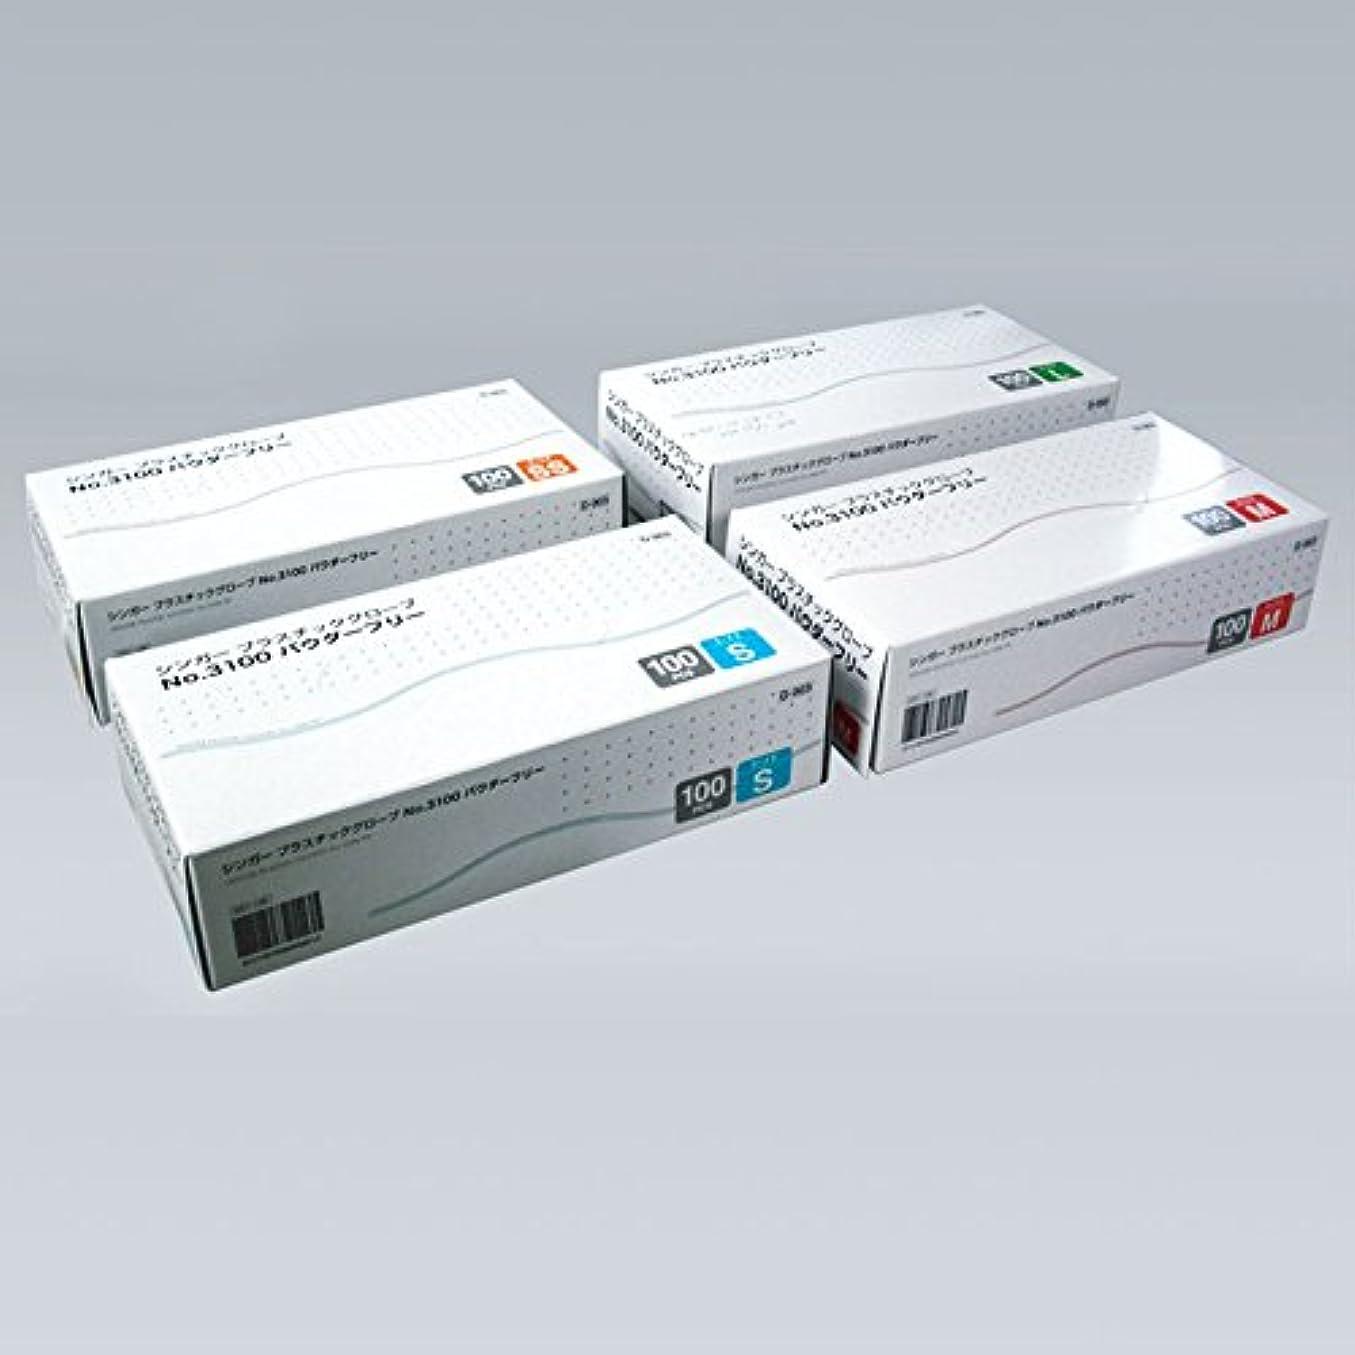 悪用不十分むしゃむしゃシンガープラスチックグローブNo3100 パウダーフリー500枚 (100枚入り×5箱) (S)